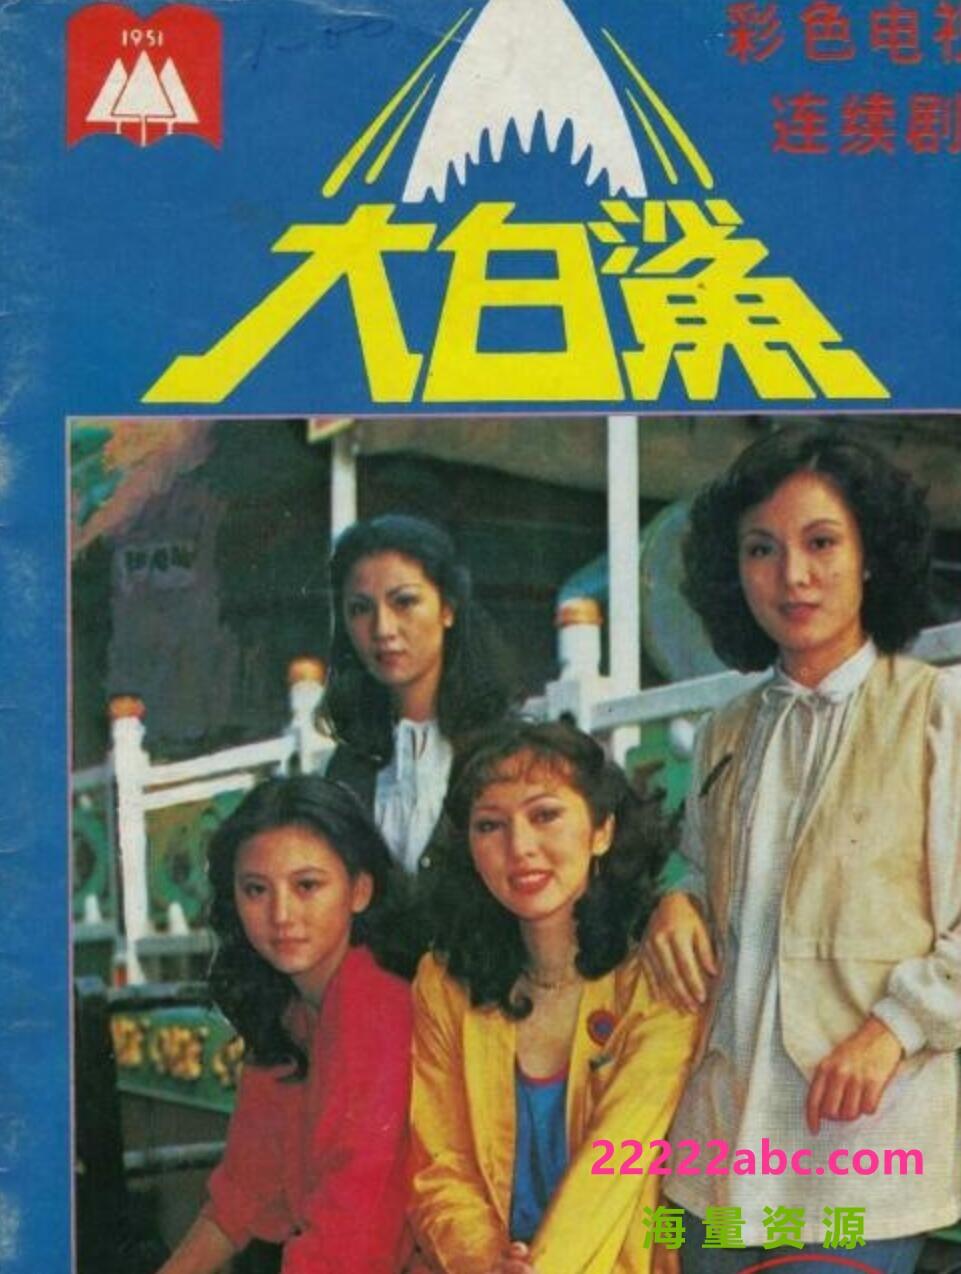 [香港/ATV/1979/ 大白鲨 /MYTVSUPER源码/78集全/每集约1.4G/粤语中字/ts/]4k|1080p高清